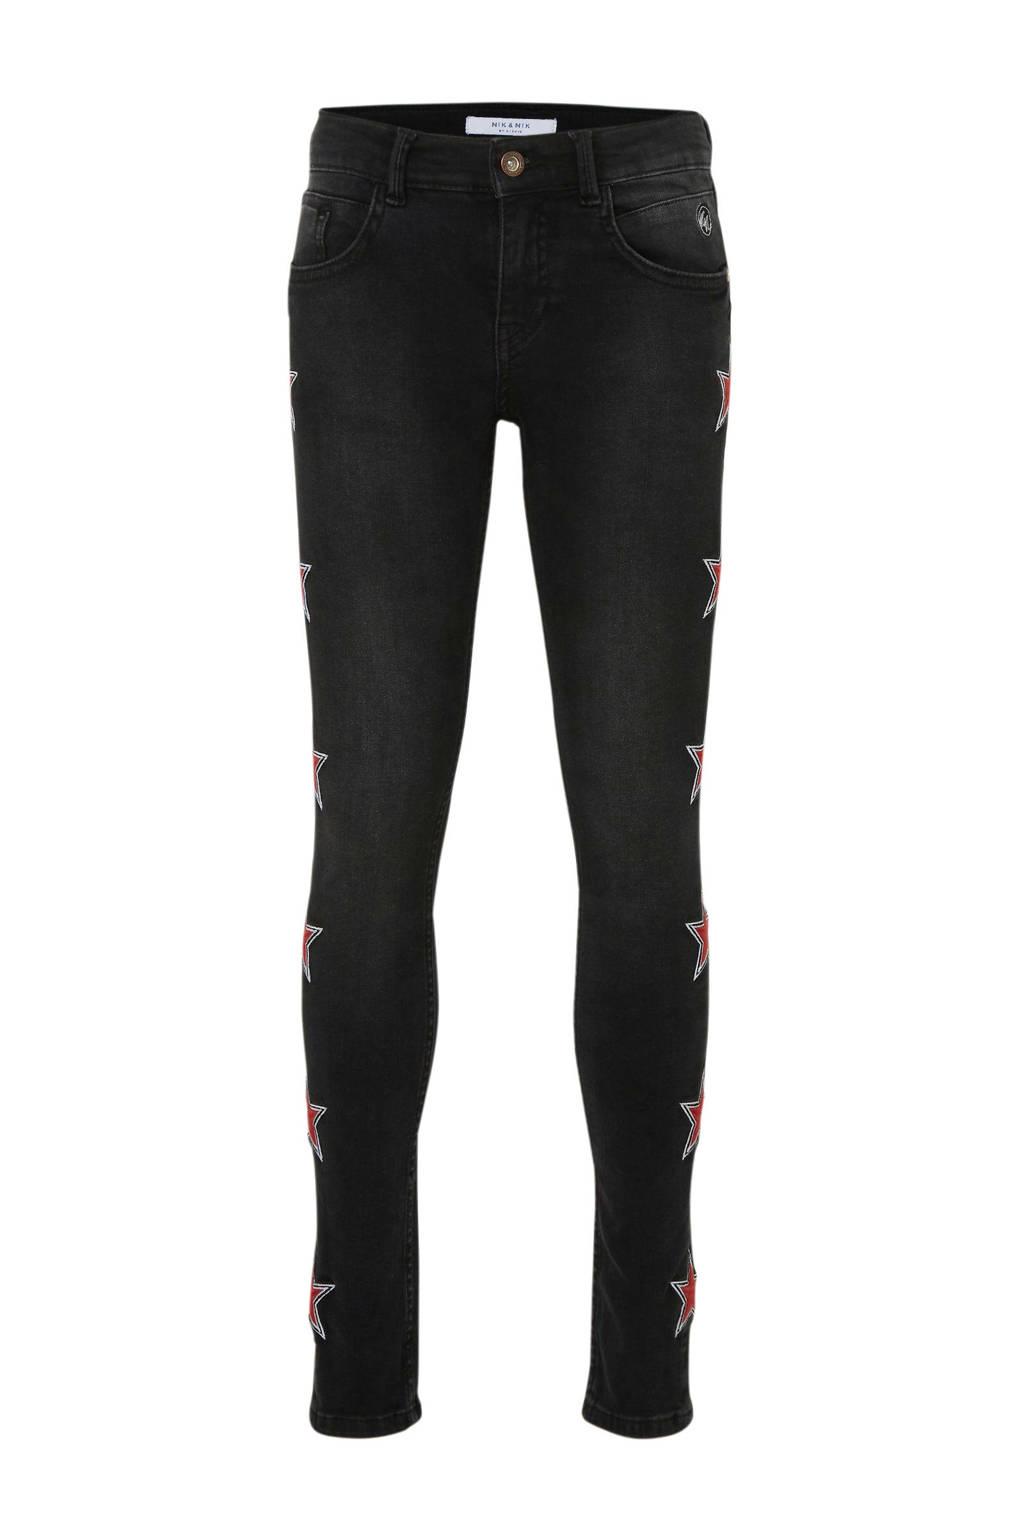 NIK&NIK skinny jeans Fiona Star met sterren black denim, Black denim